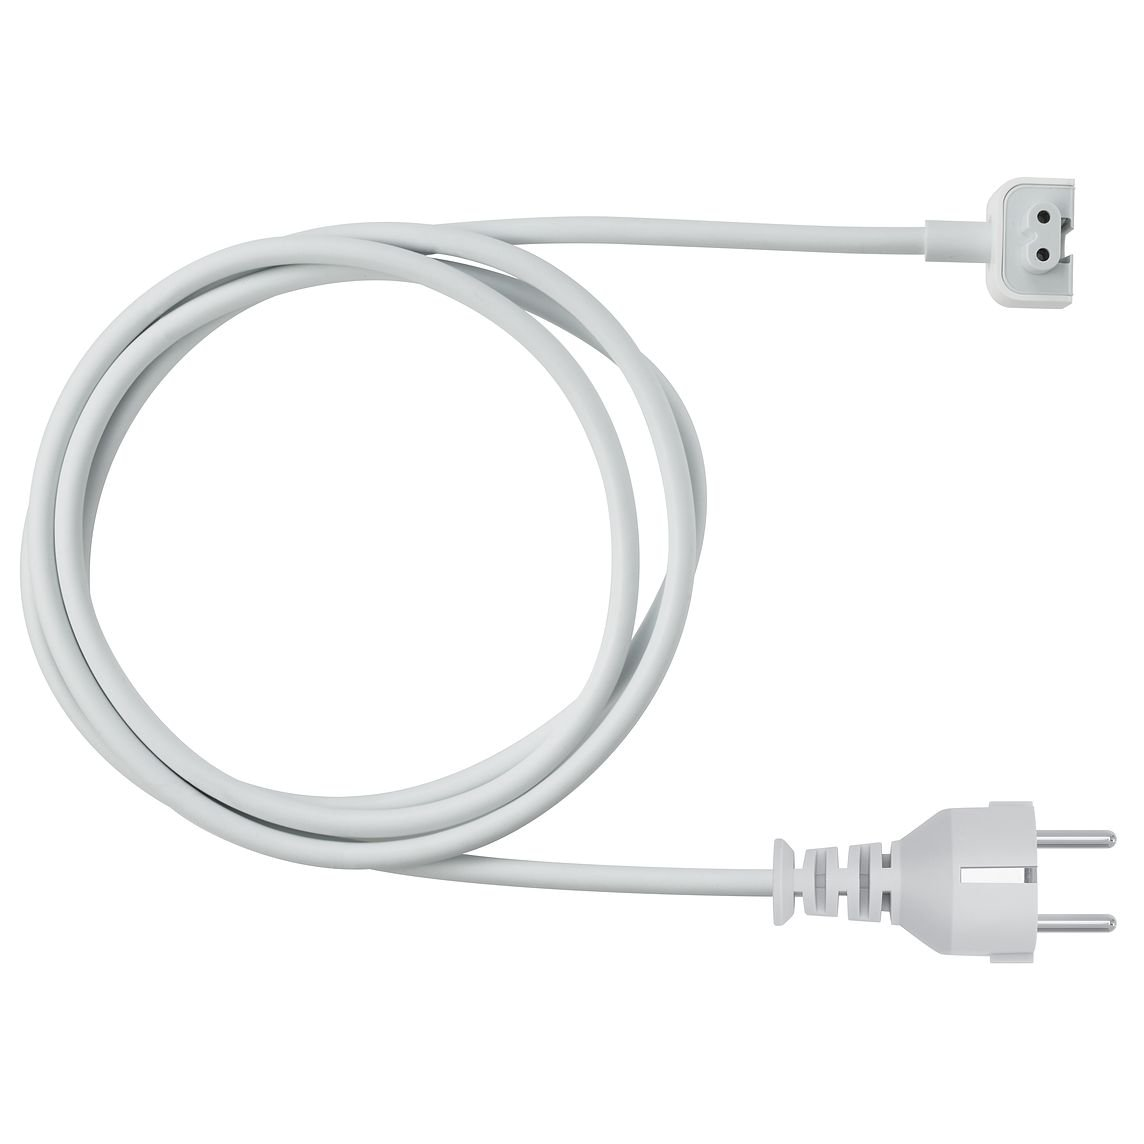 original Apple Euro Power Adapter (Netzteil) Verlängerungskabel